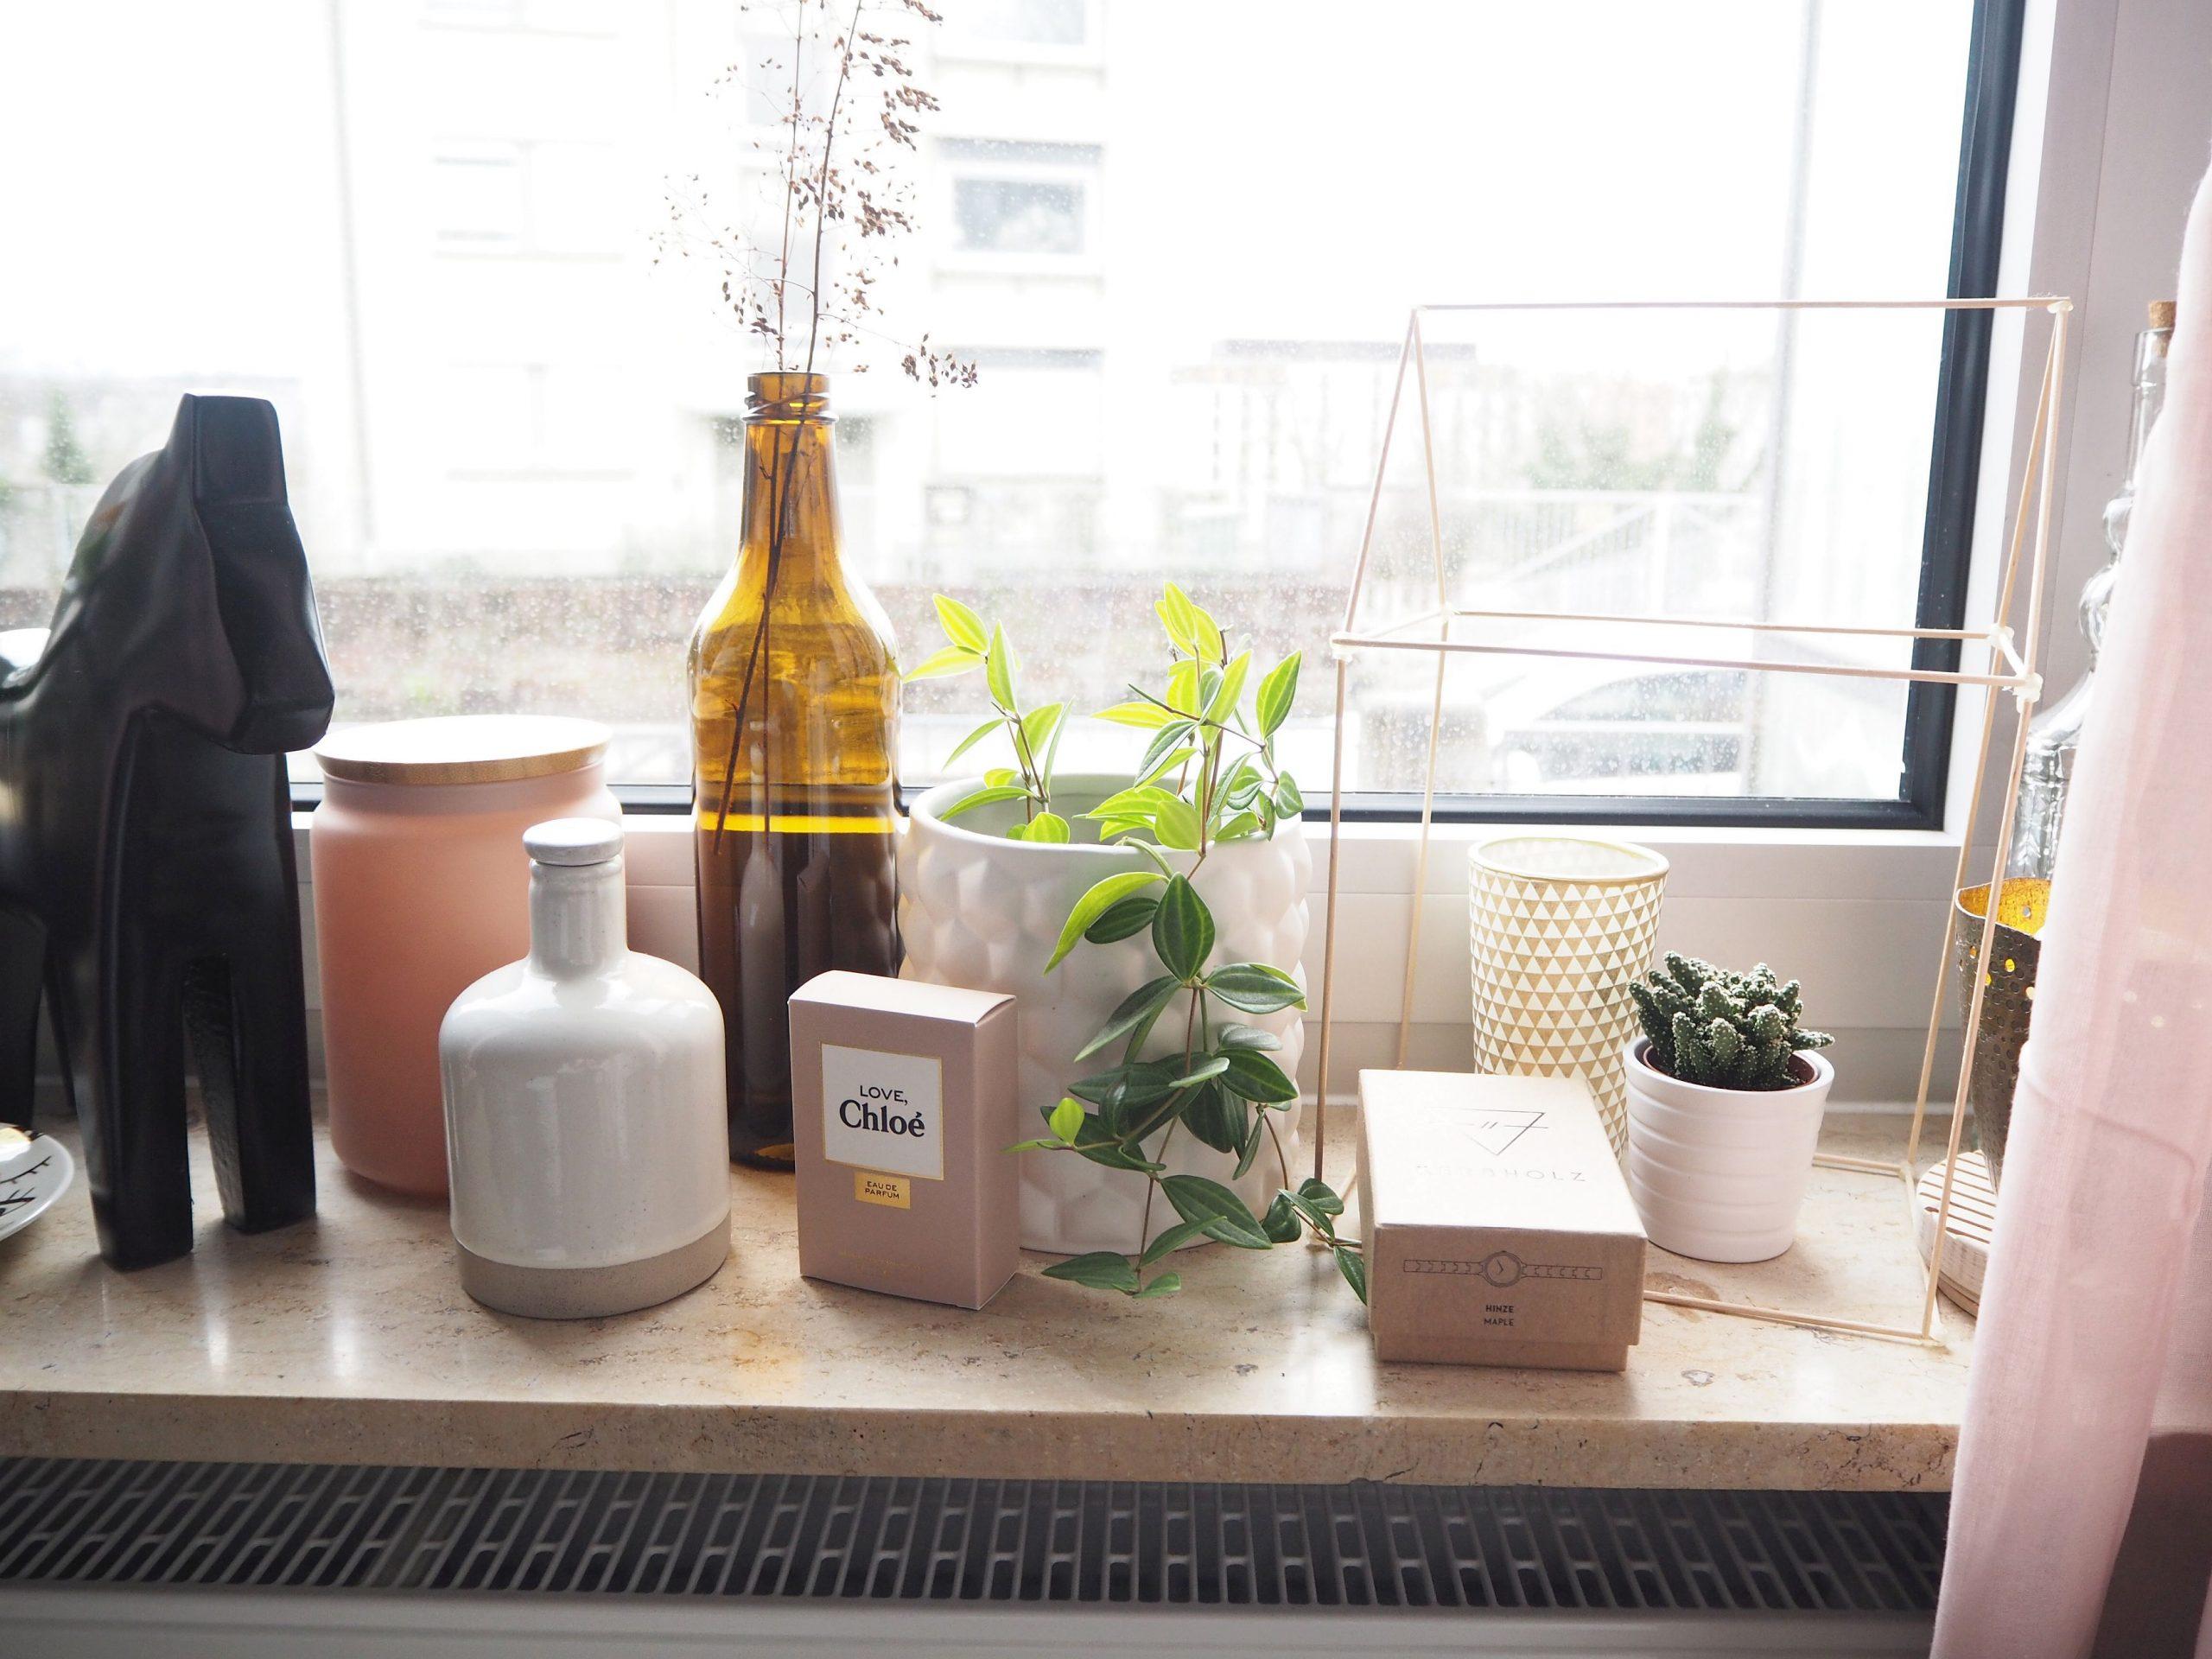 Full Size of Interior Schlafzimmer Deko Fr Fensterbank Skn Och Kreativ Wohnzimmer Wanddeko Küche Badezimmer Dekoration Für Wohnzimmer Deko Fensterbank